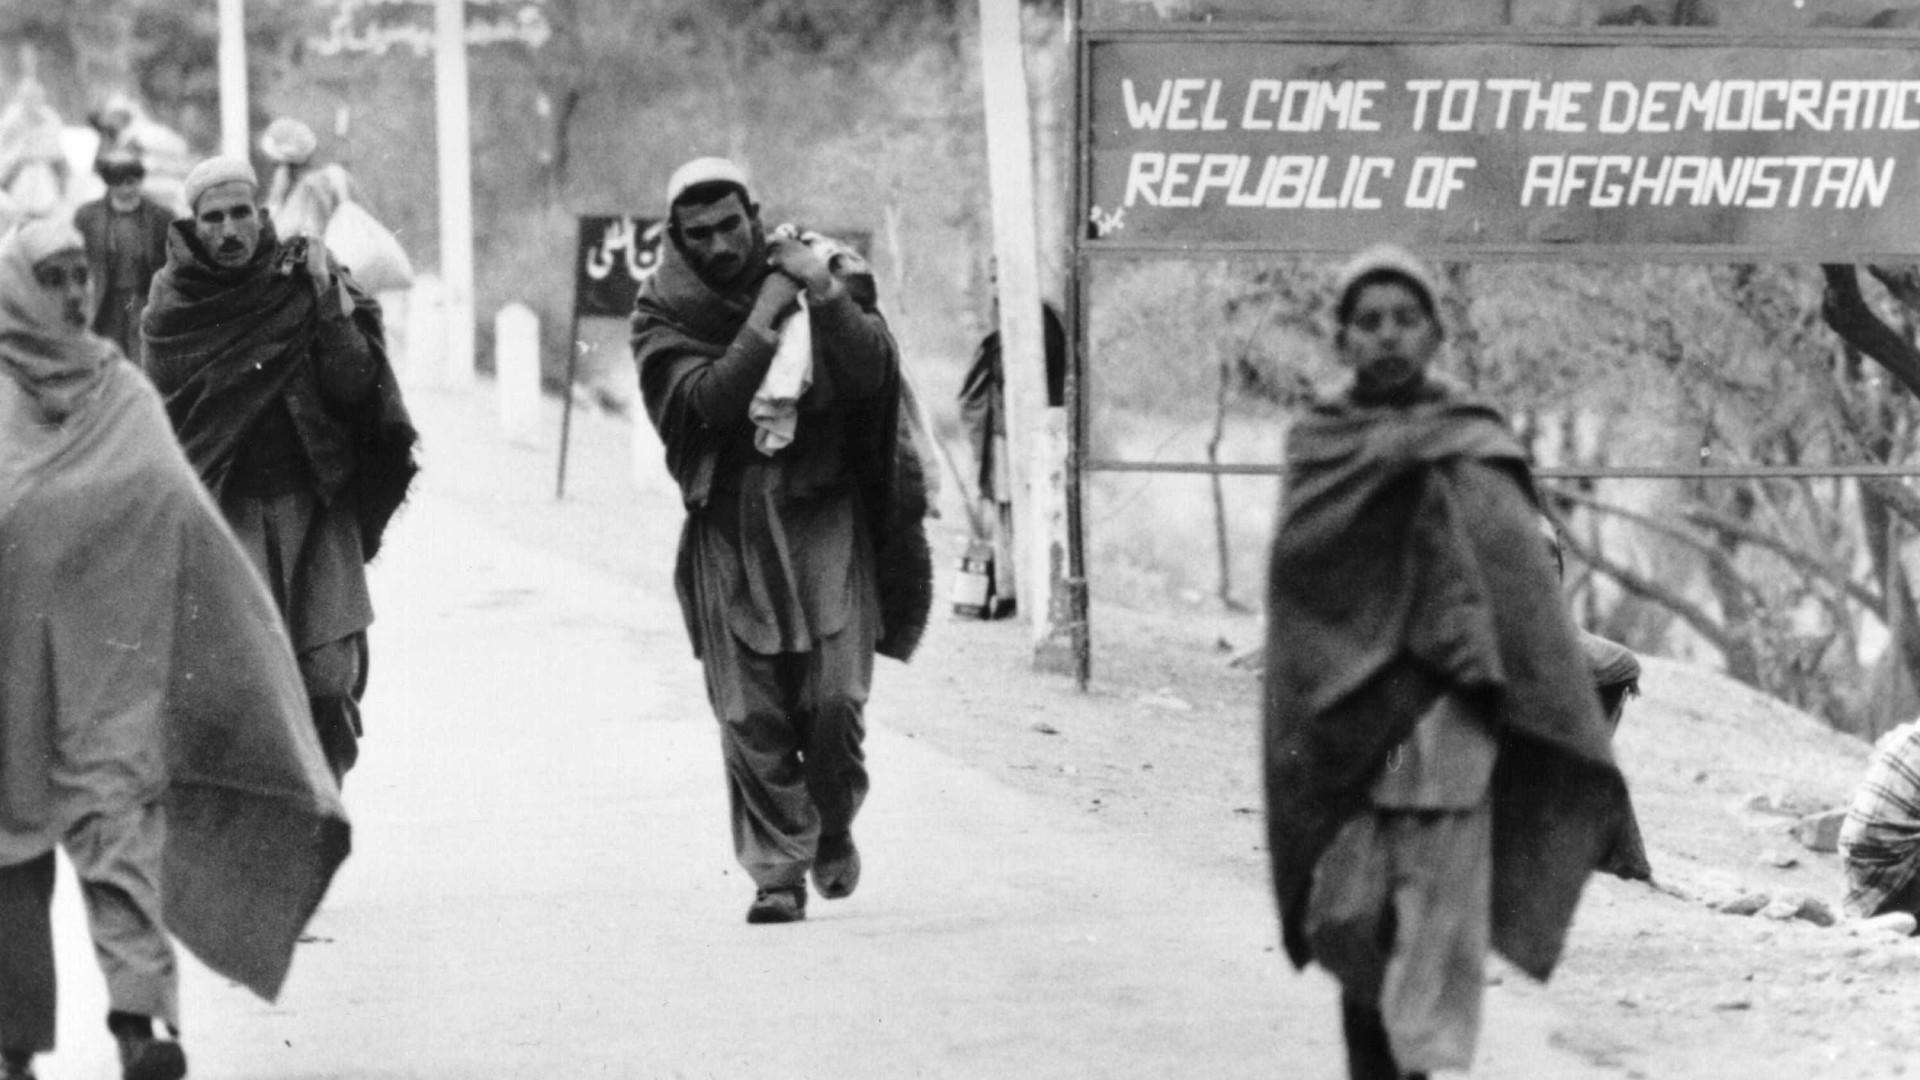 Mais de 350 mil refugiados afegãos regressaram do Paquistão